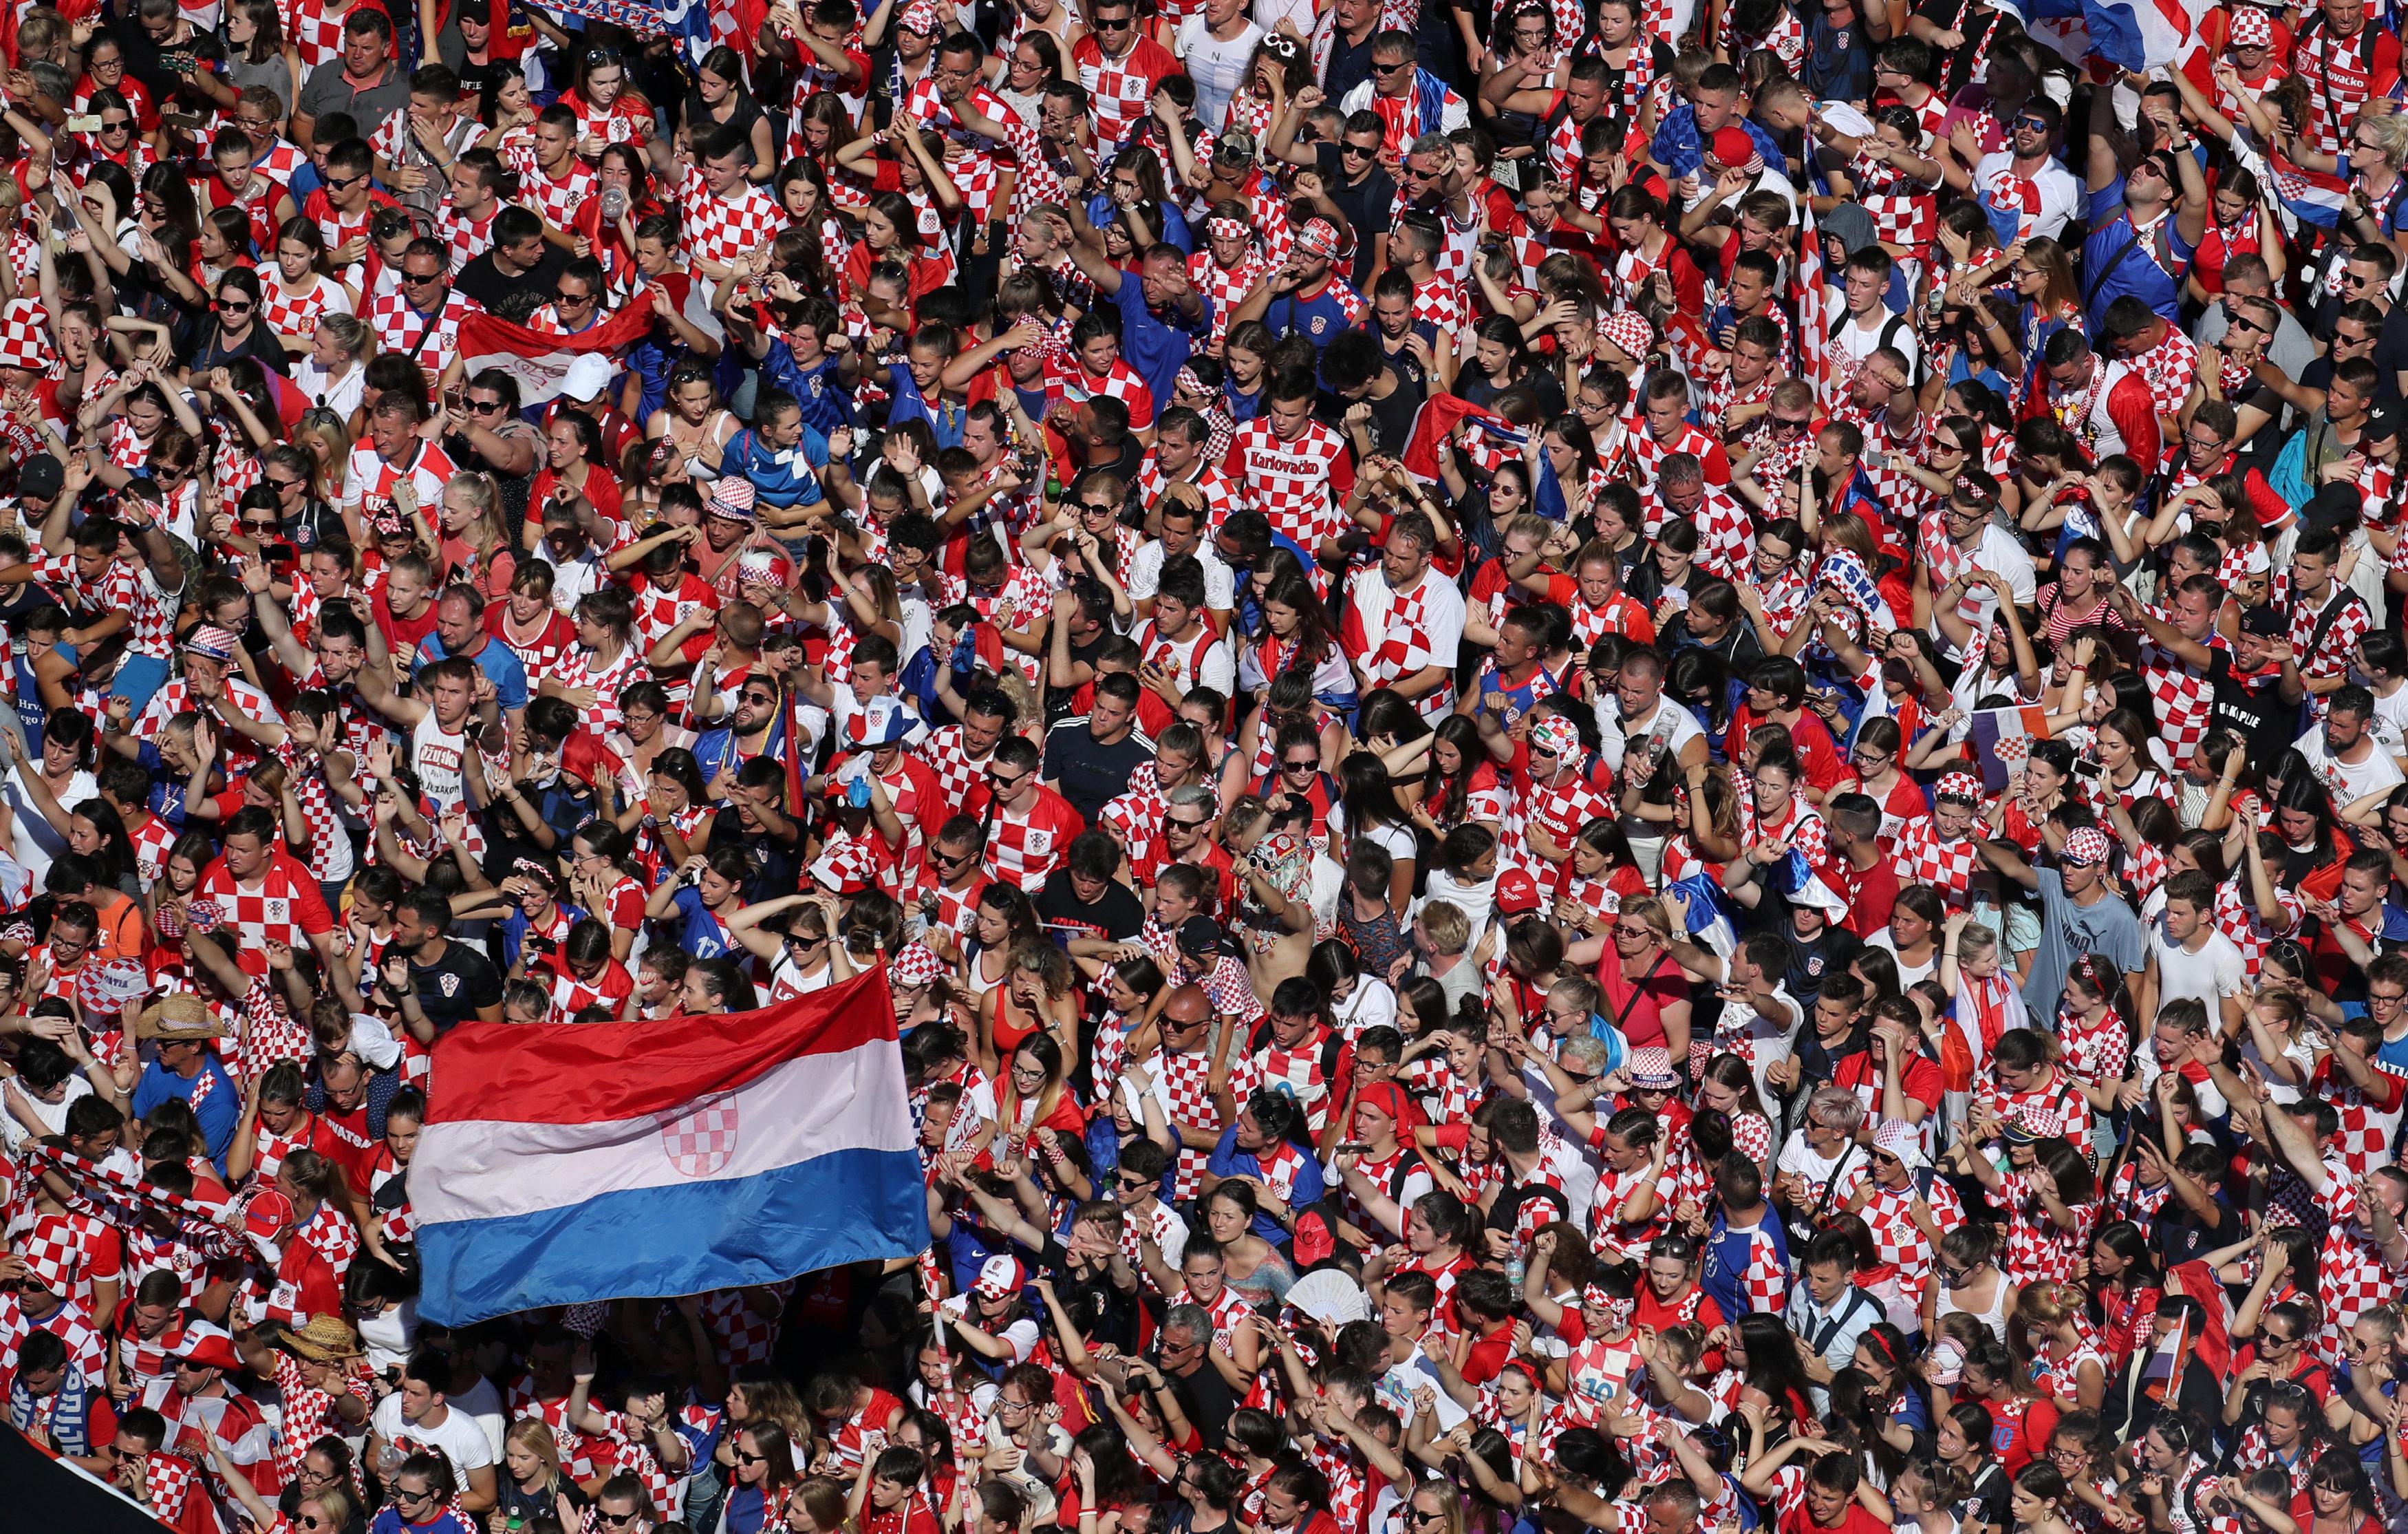 Football: Croatia fly flag for the little guys